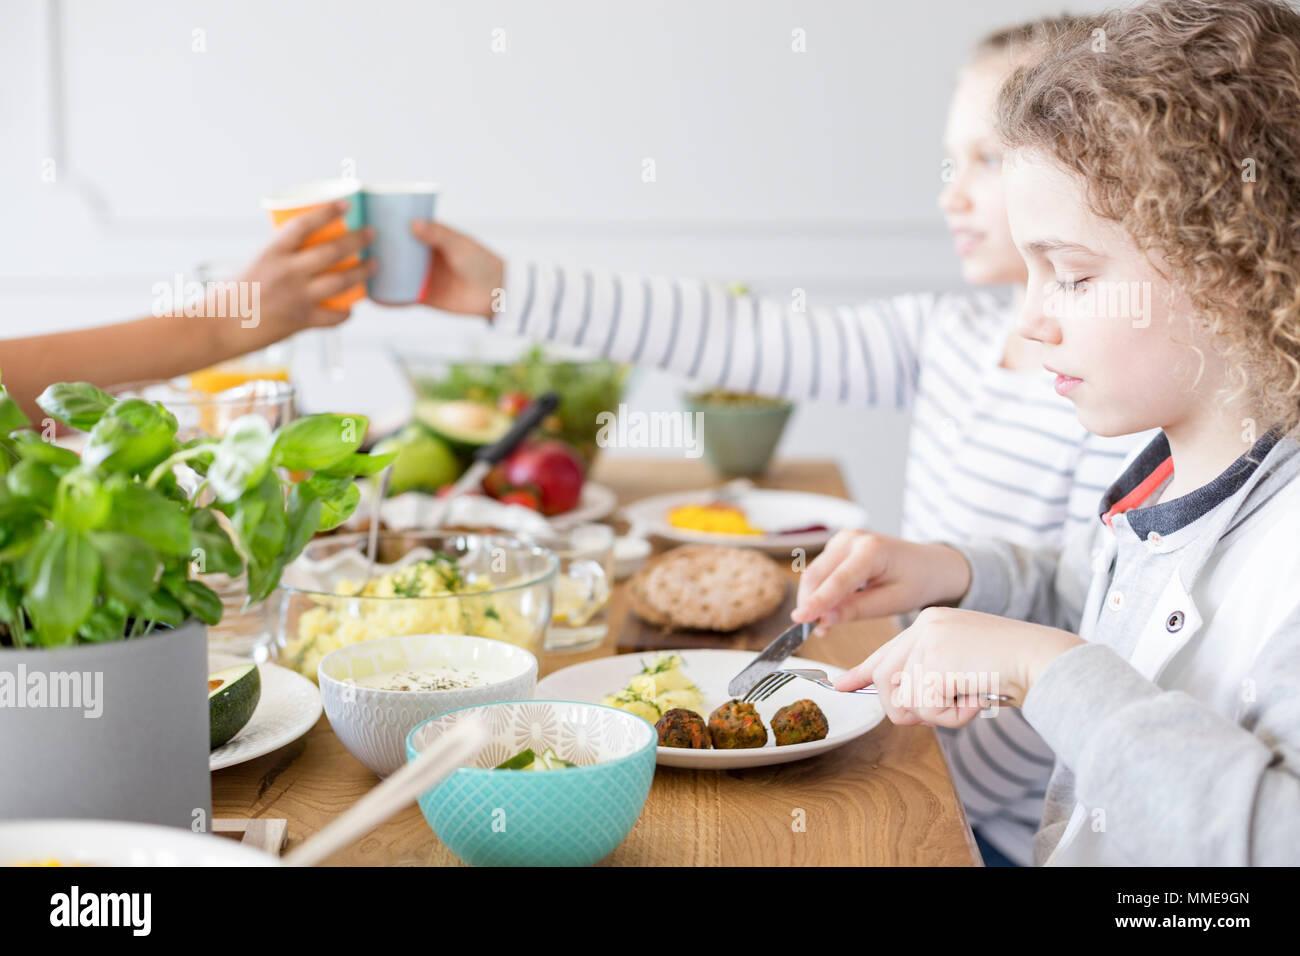 Boy comiendo falafel durante la fiesta de cumpleaños en casa. Dieta saludable para los niños Imagen De Stock